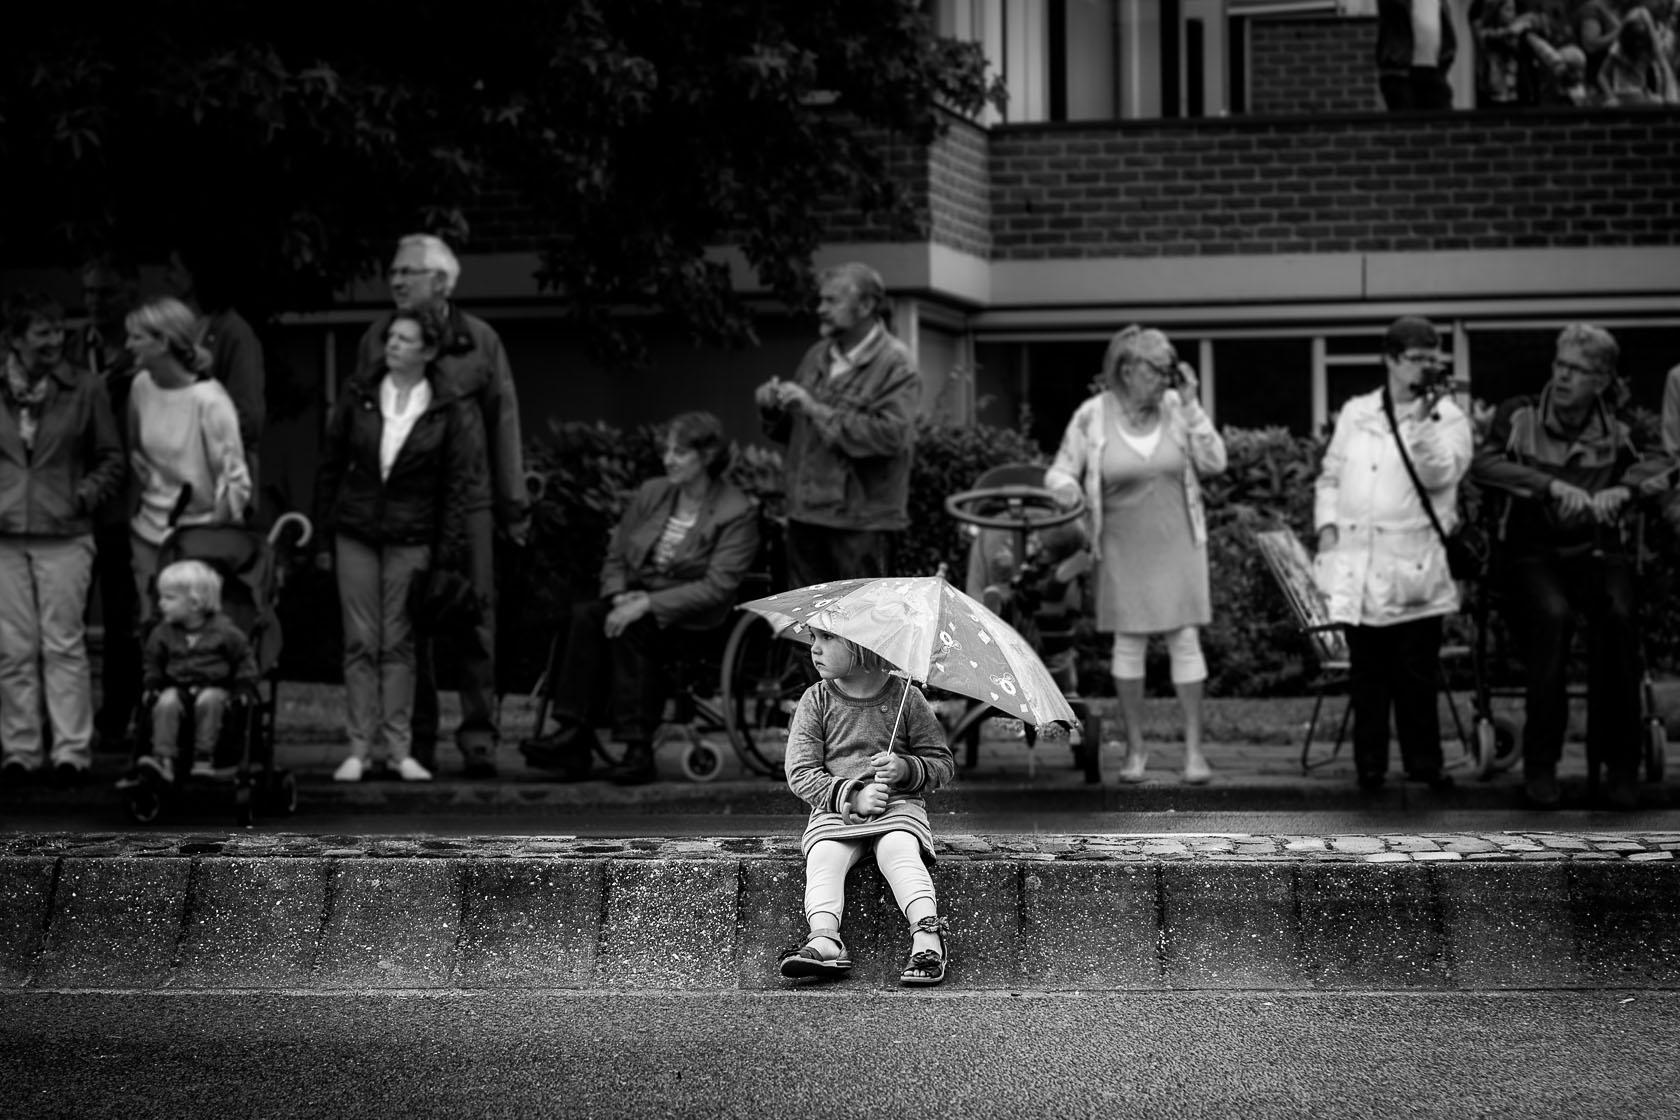 Street_001